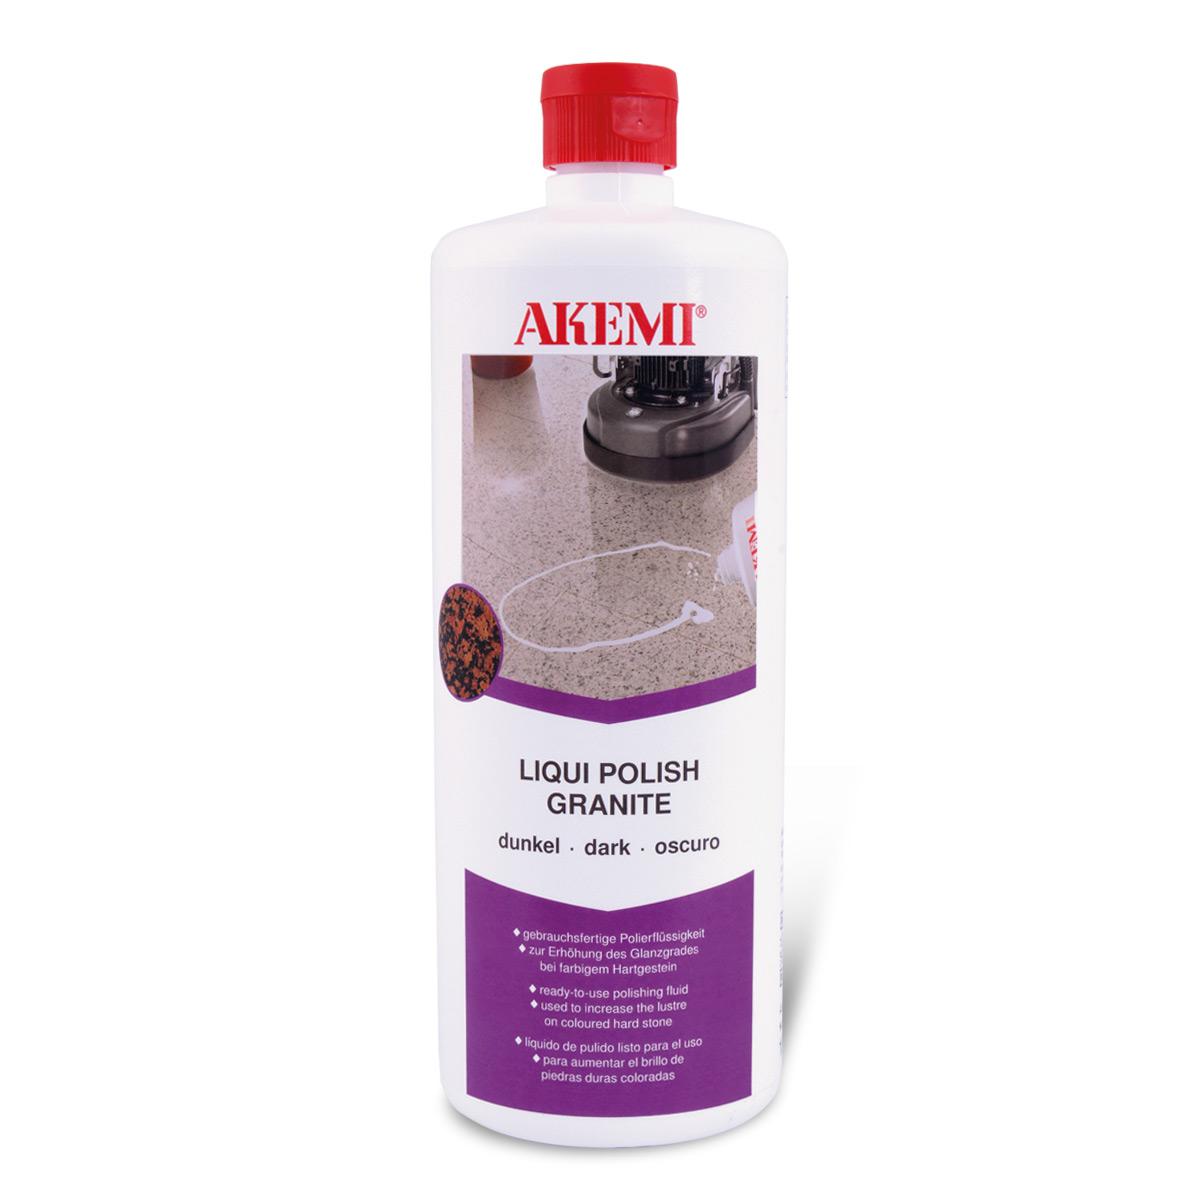 Akemi Liqui Polish Granite dunkel 1 l